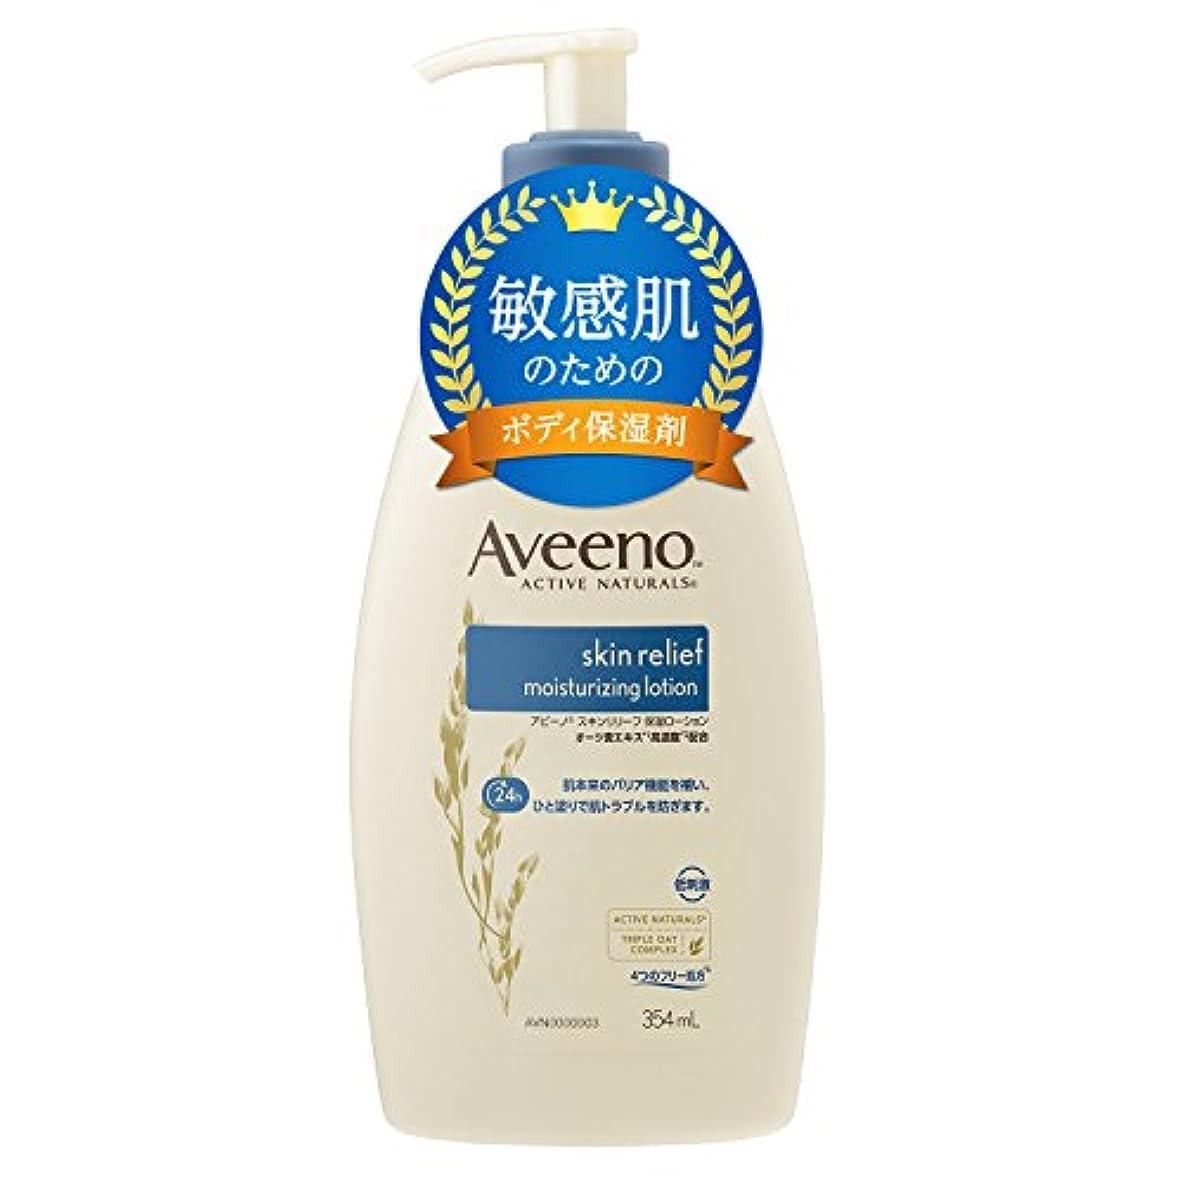 磨かれた侮辱幹【Amazon.co.jp限定】Aveeno(アビーノ) スキンリリーフ 保湿ローション 354ml 【極度の乾燥肌、敏感肌の方向け】